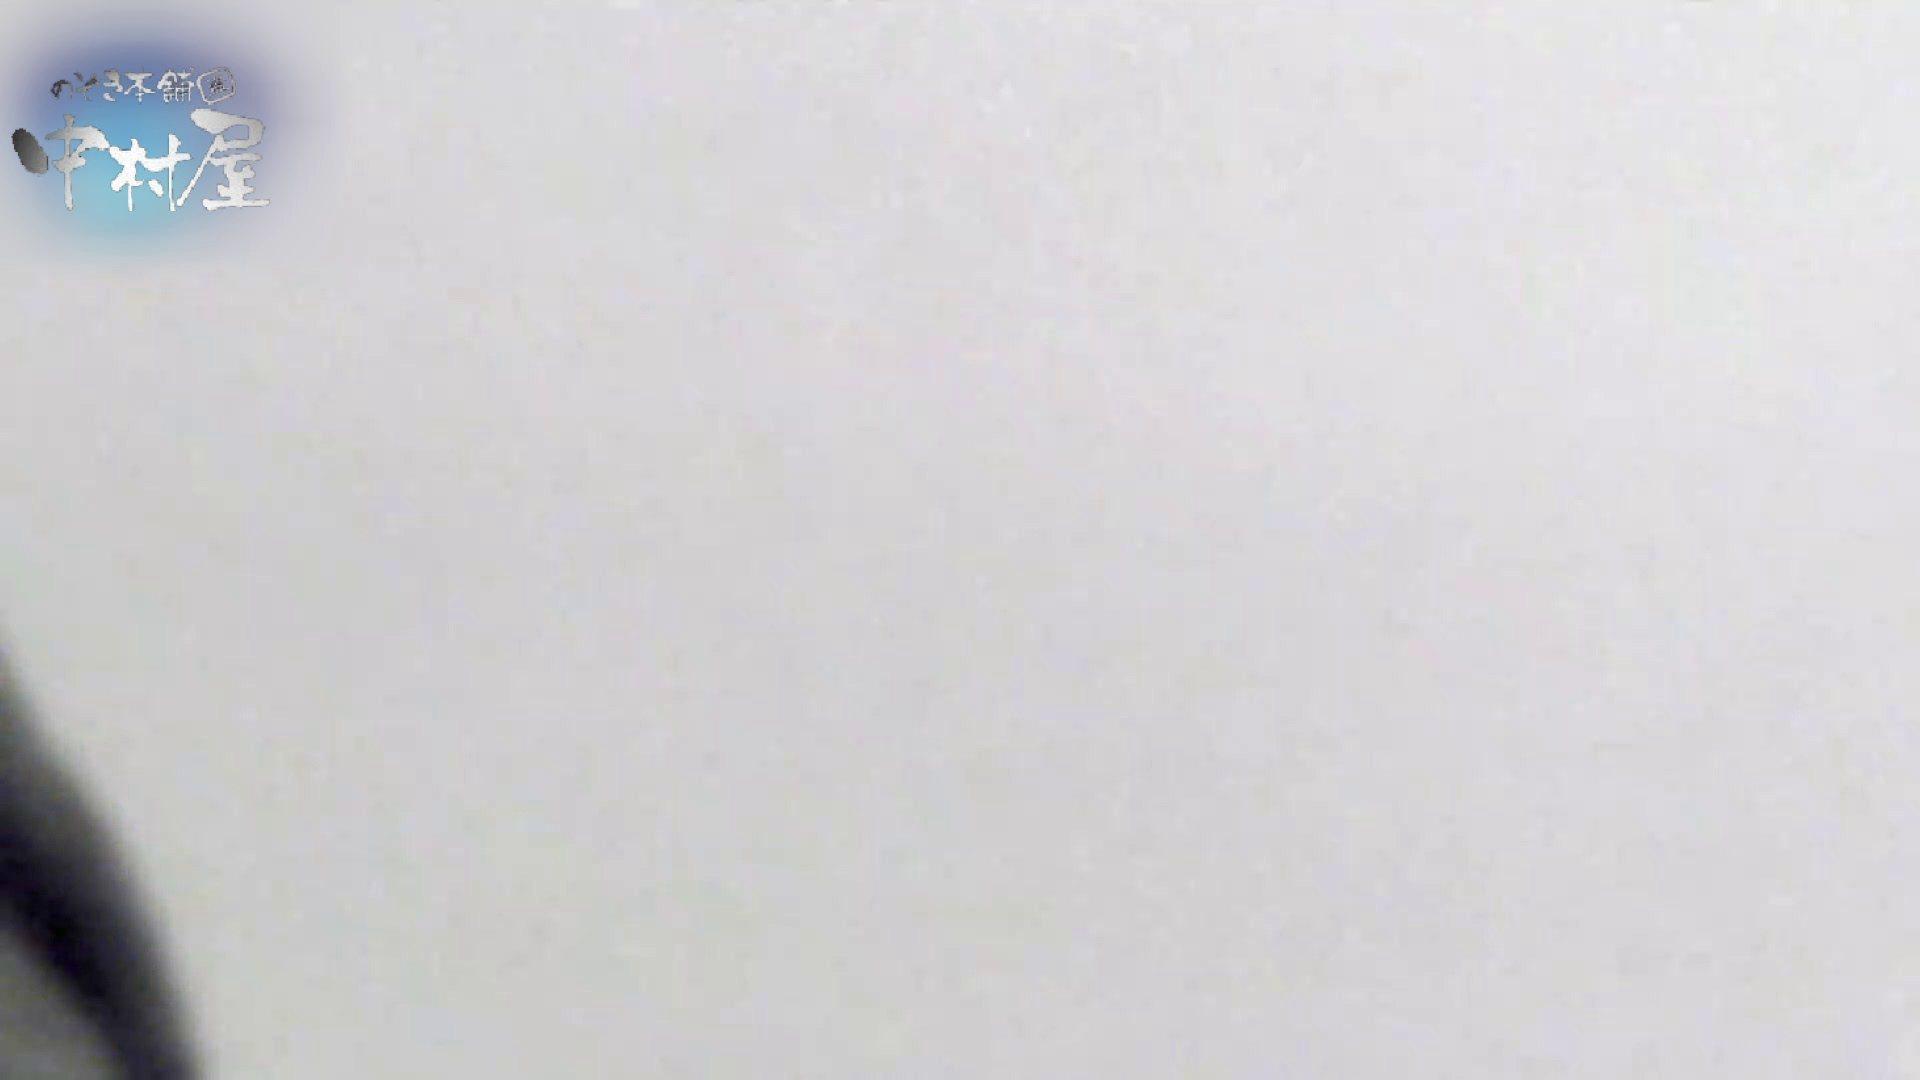 乙女集まる!ショッピングモール潜入撮vol.03 和式 | トイレ  63画像 43